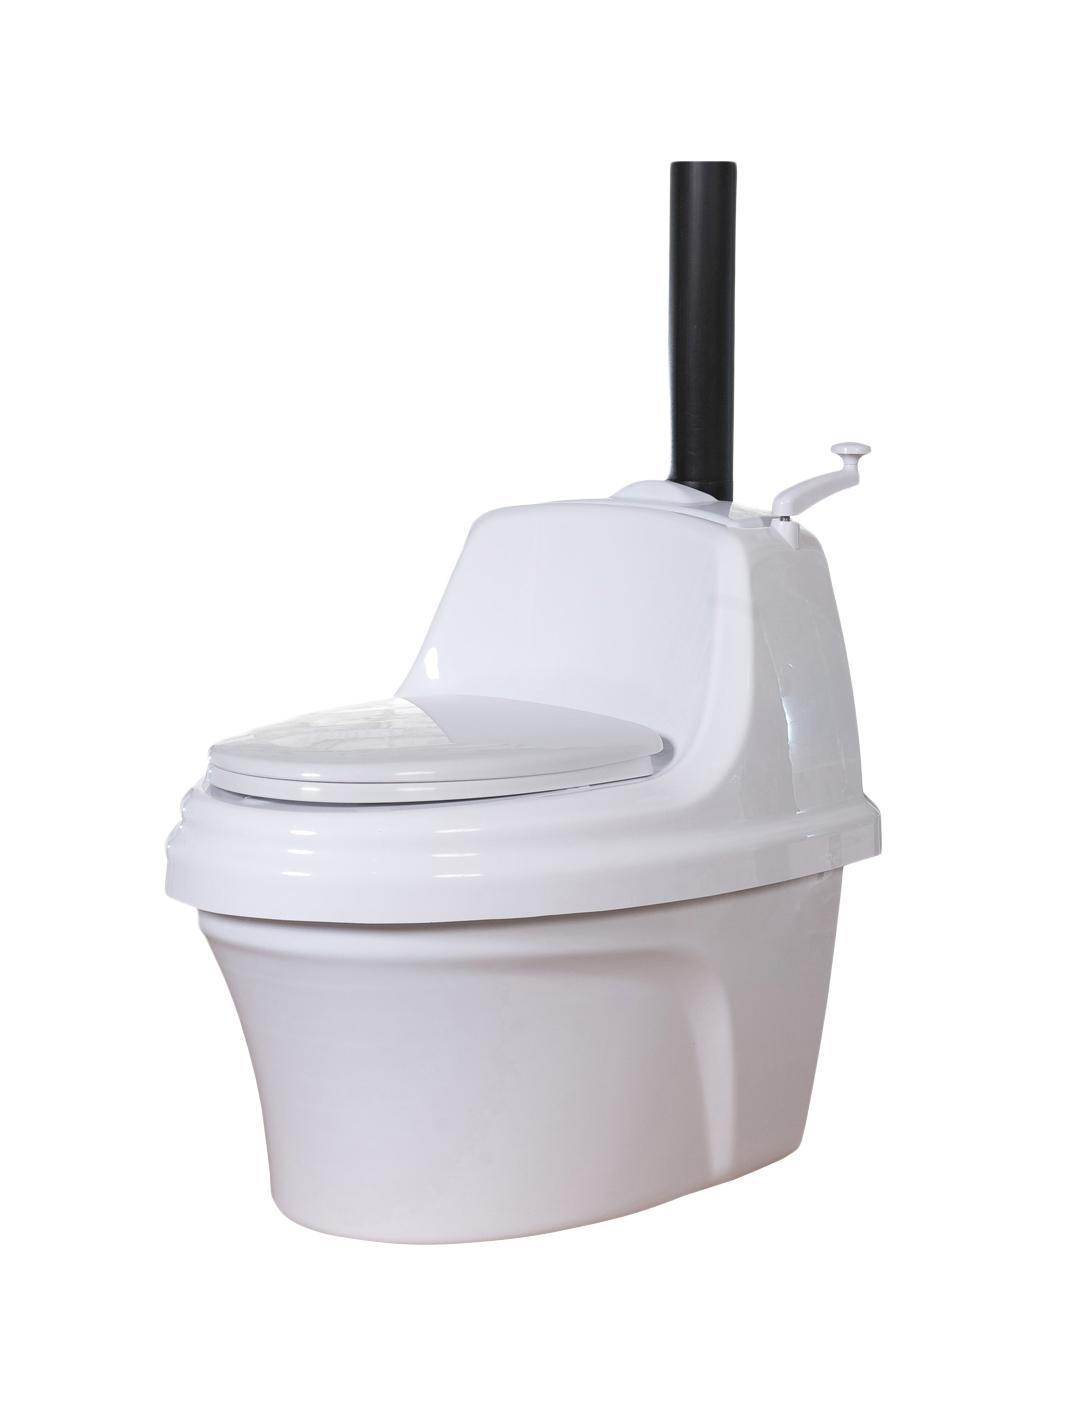 Биотуалет Piteco 200200Торфяной биотуалет Piteco - это автономный компостирующий туалет, которому не требуется подсоединения к системе канализации и водоснабжения. Конструкция биотуалета разработана с целью создания максимально благоприятных условий для компостирования органических отходов. Изготовлен из сантехнического пластика (акрила), оснащен дренажной системой с фильтроэлементом.